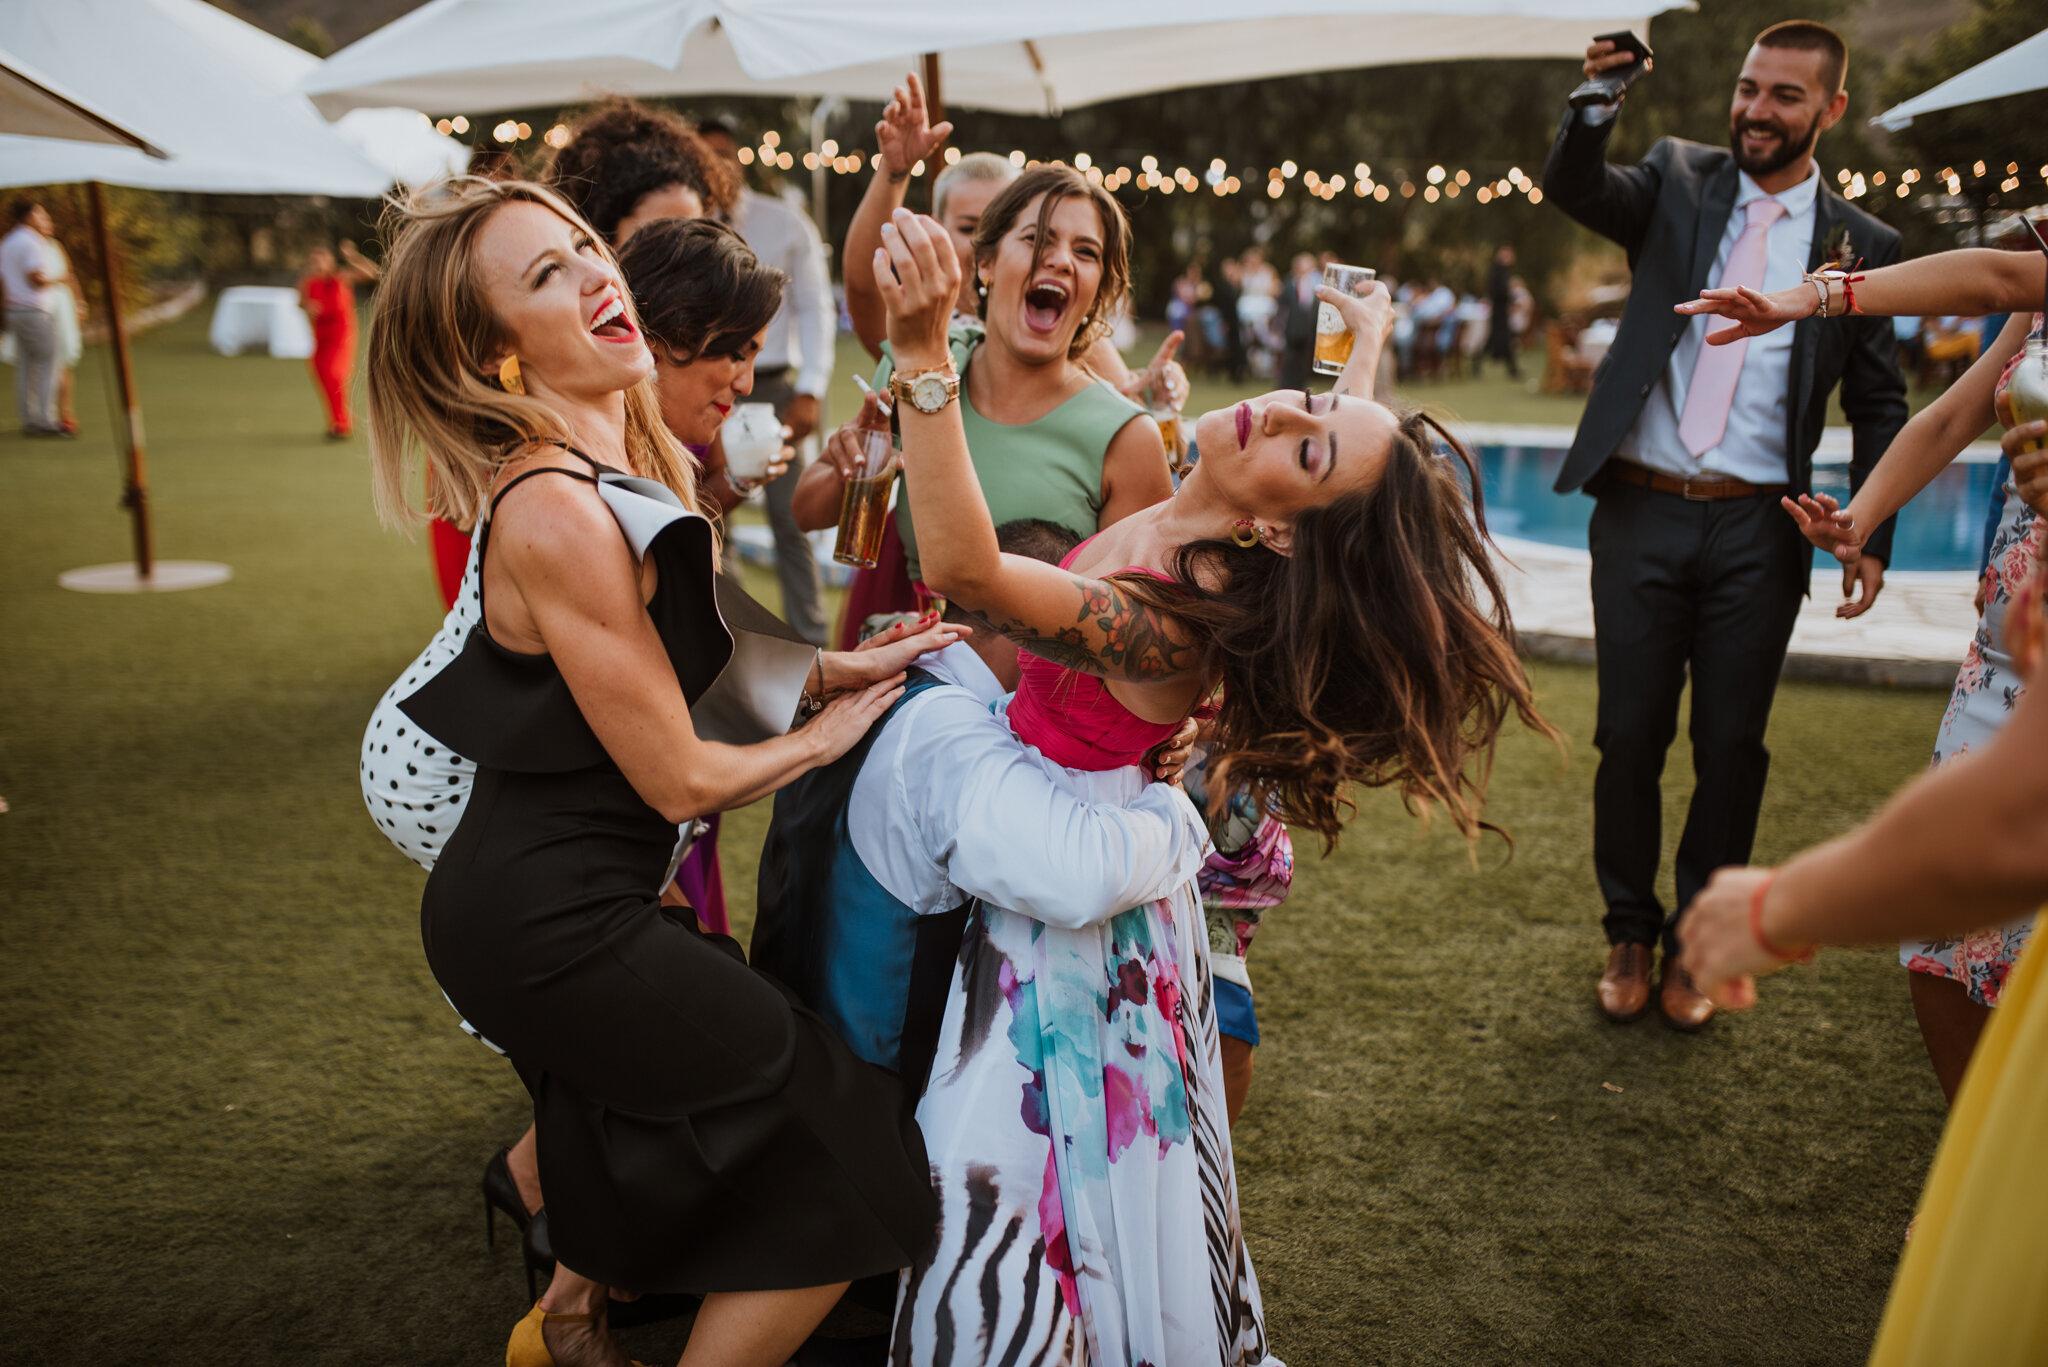 fotografo de bodas las palmas_-119.jpg